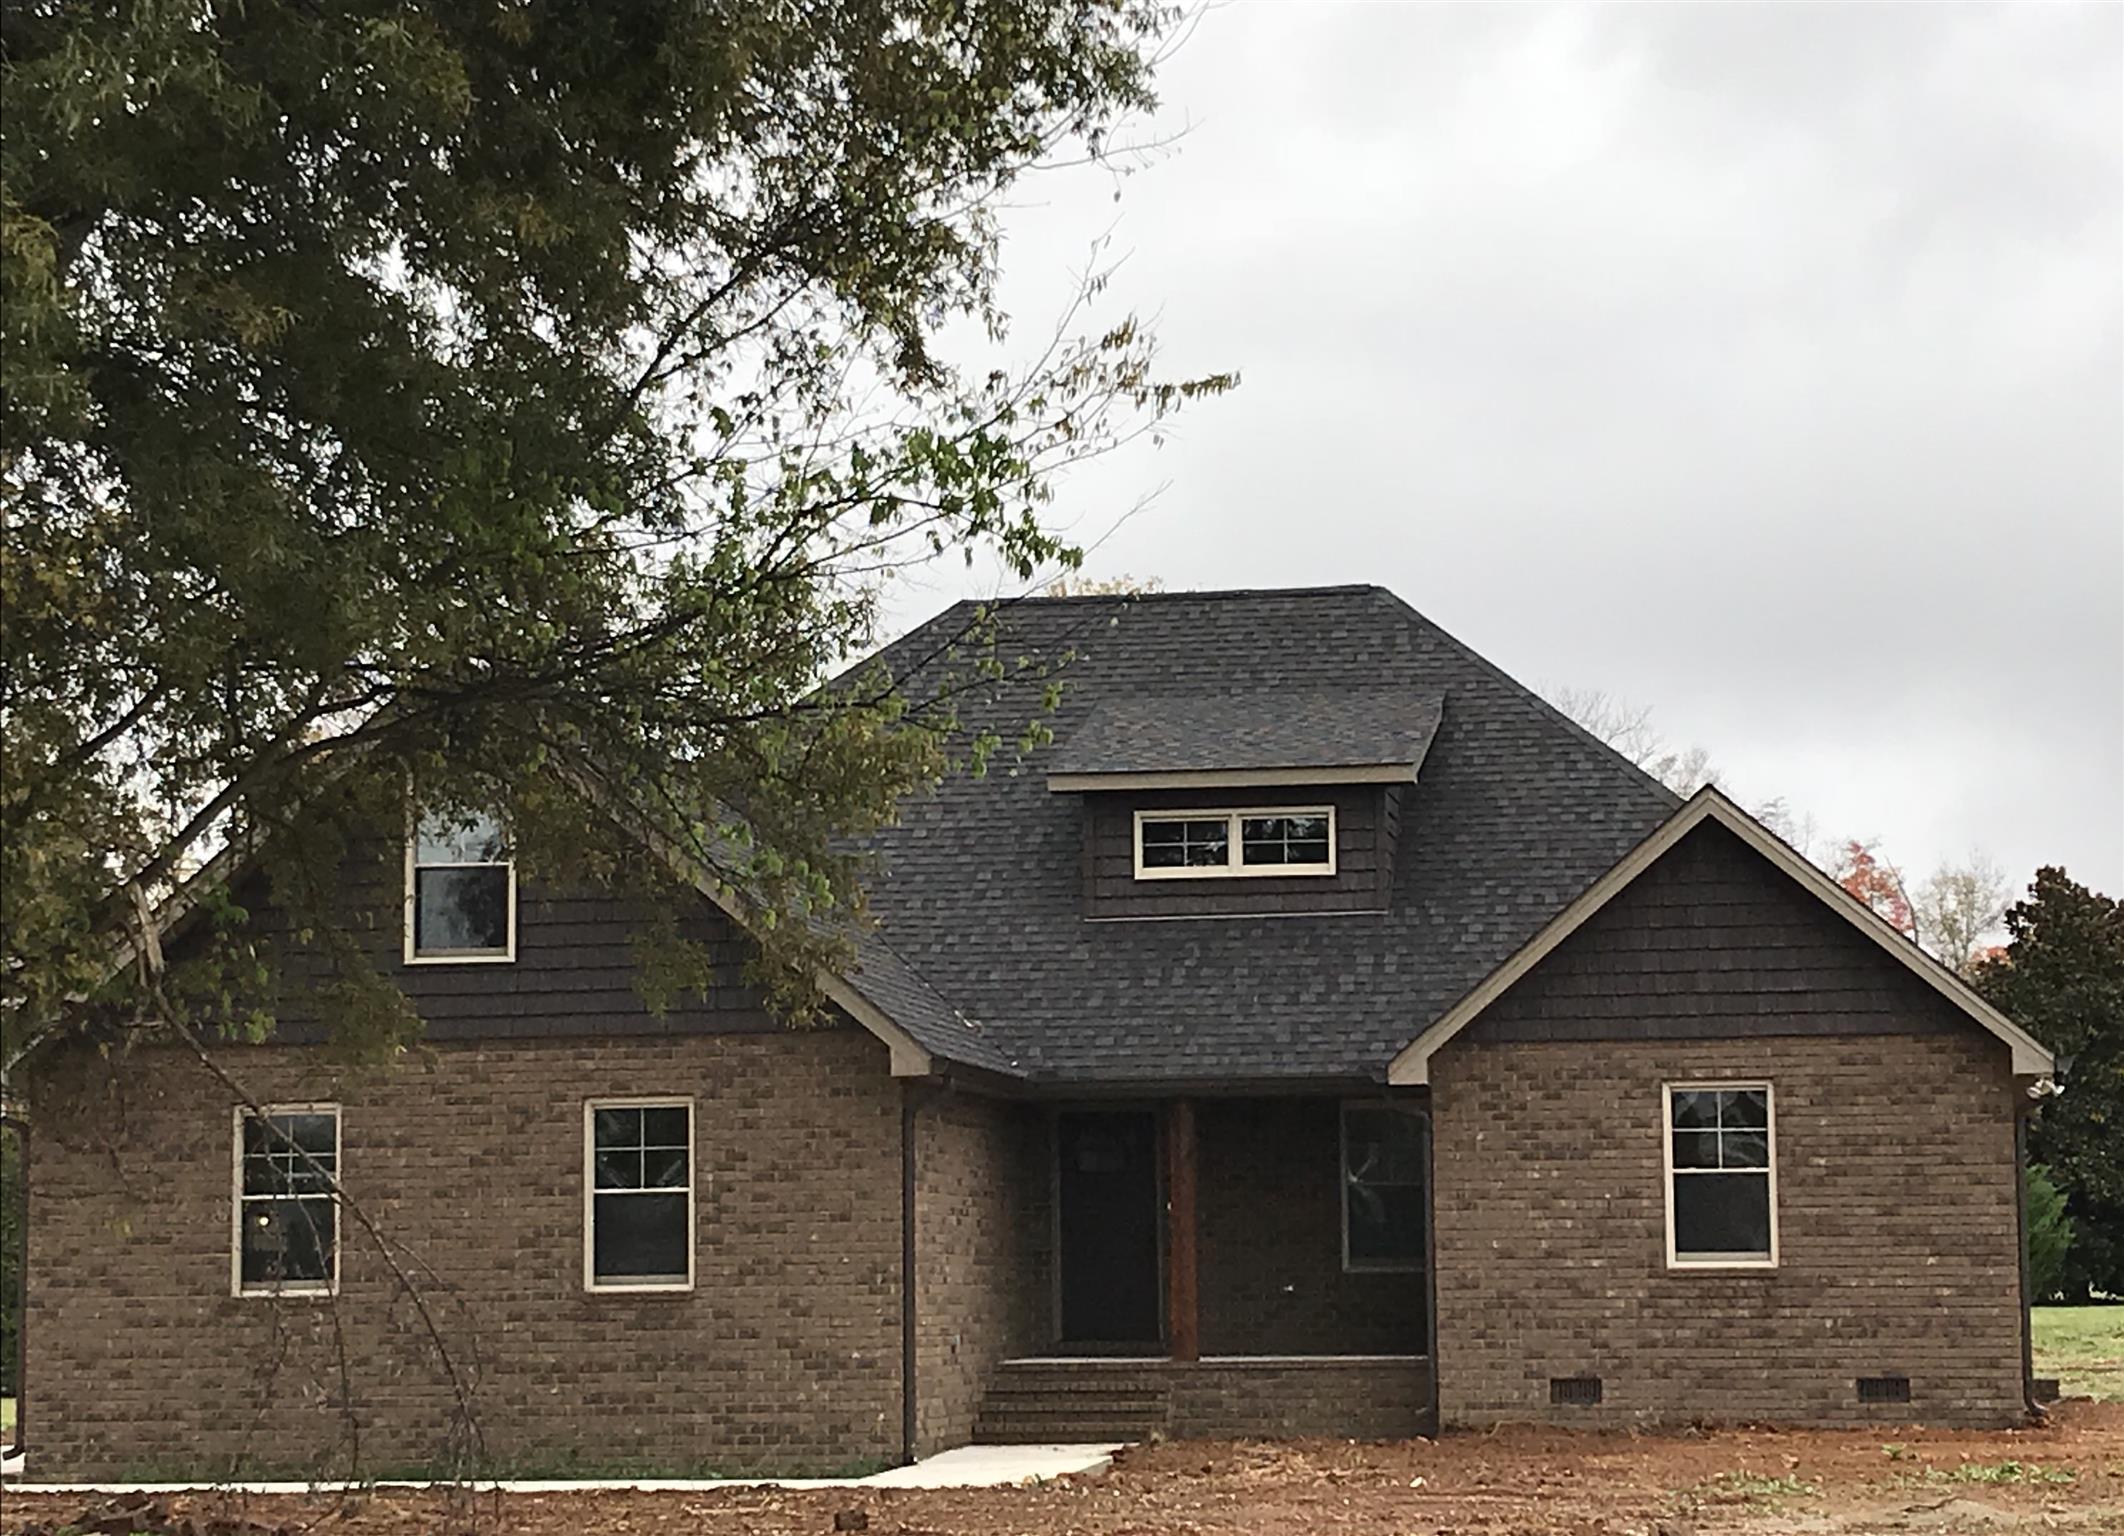 211 Mason Pl, Decherd, TN 37324 - Decherd, TN real estate listing